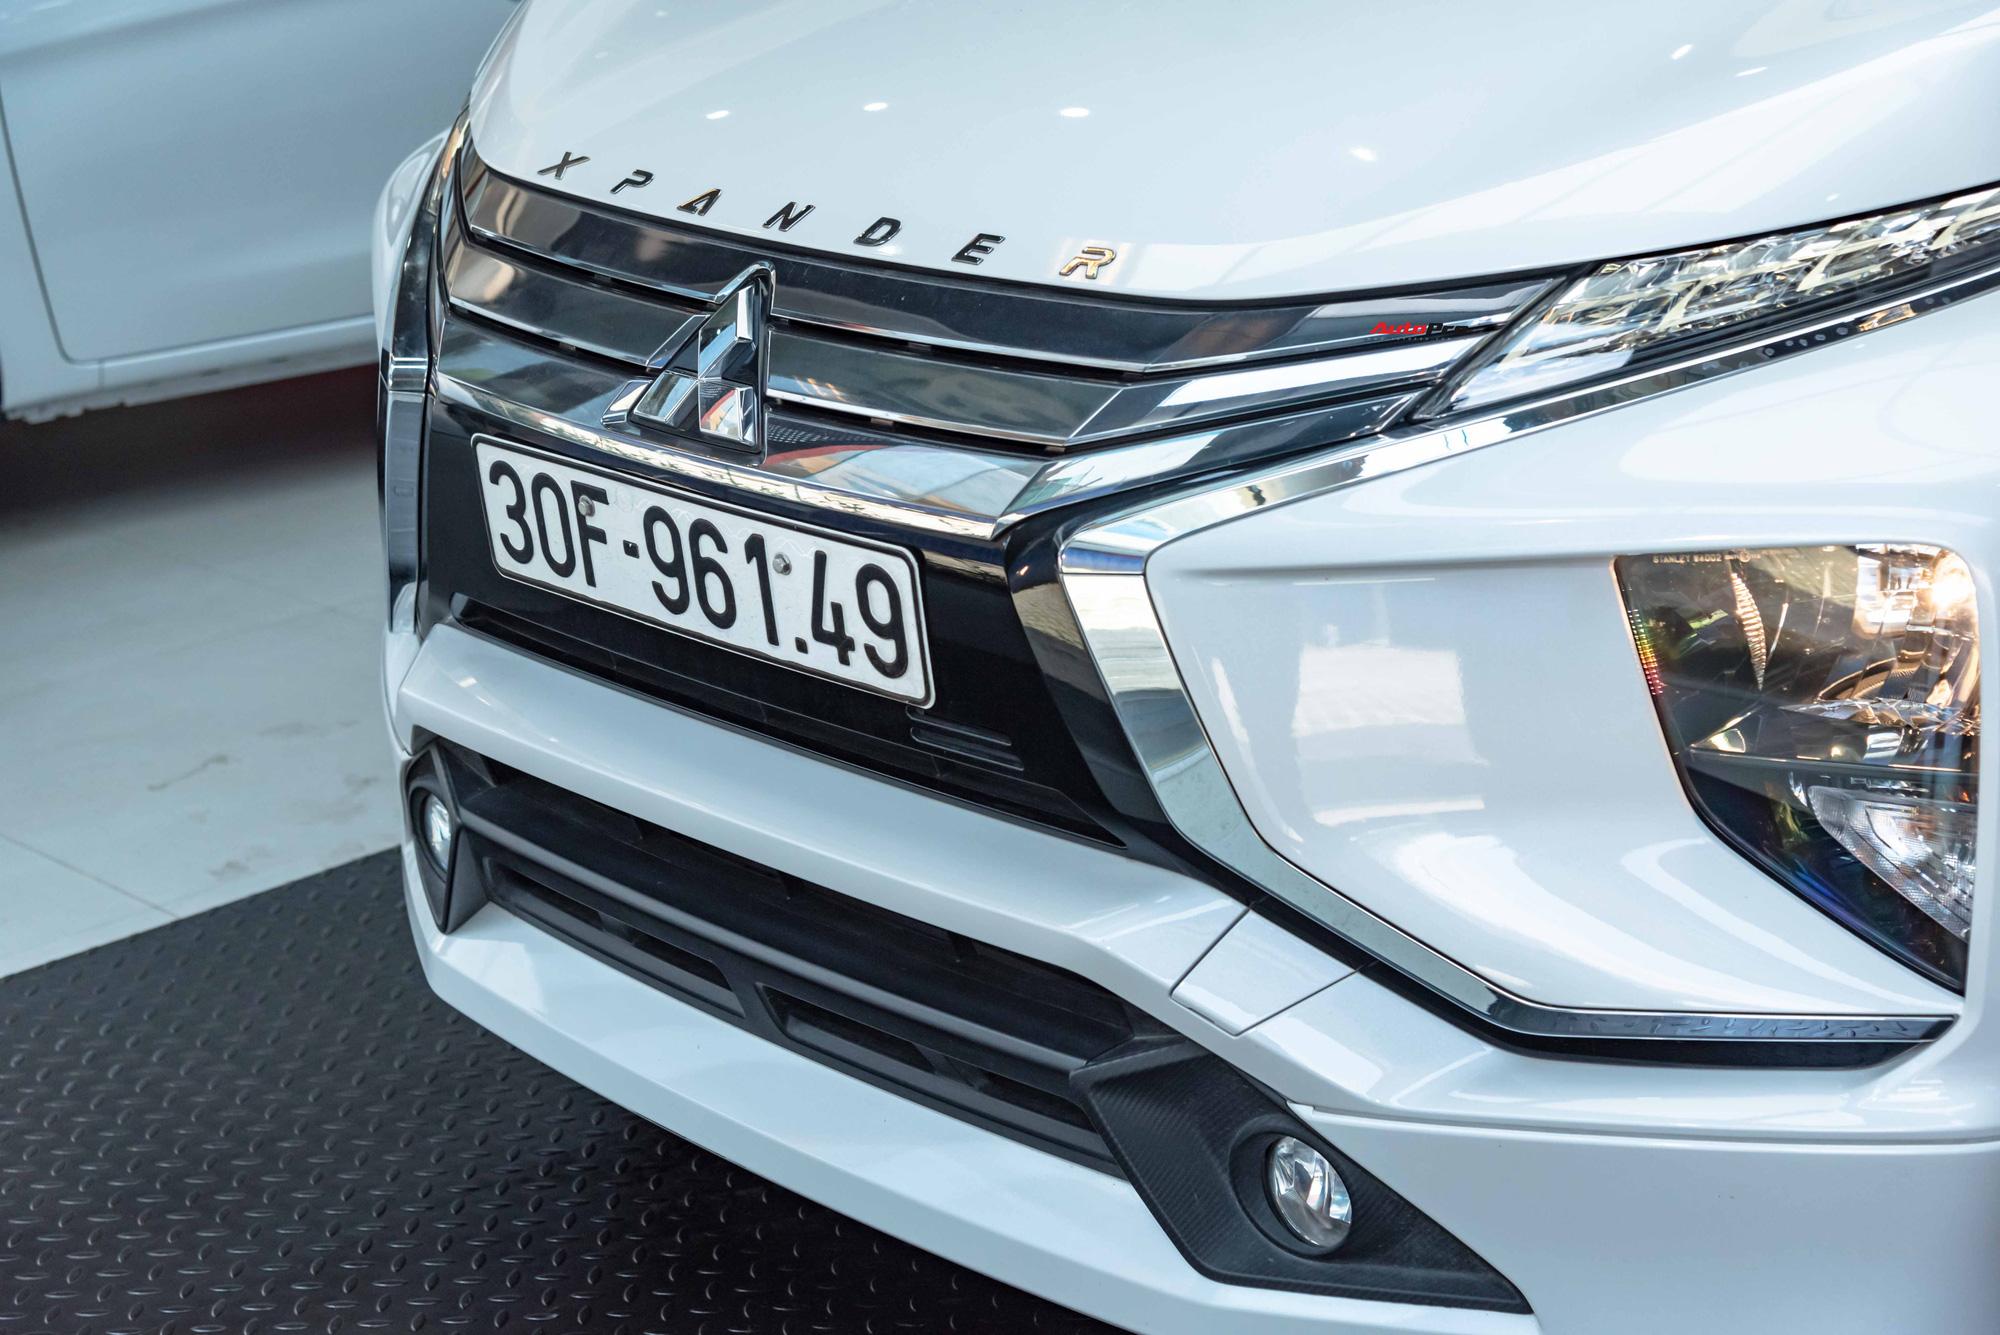 Ra mắt Mitsubishi Xpander 2020: Đánh giá 8 điểm mới, tăng 10 triệu nhưng tặng lại 10 triệu, rộng đường giữ ngôi vua MPV-1